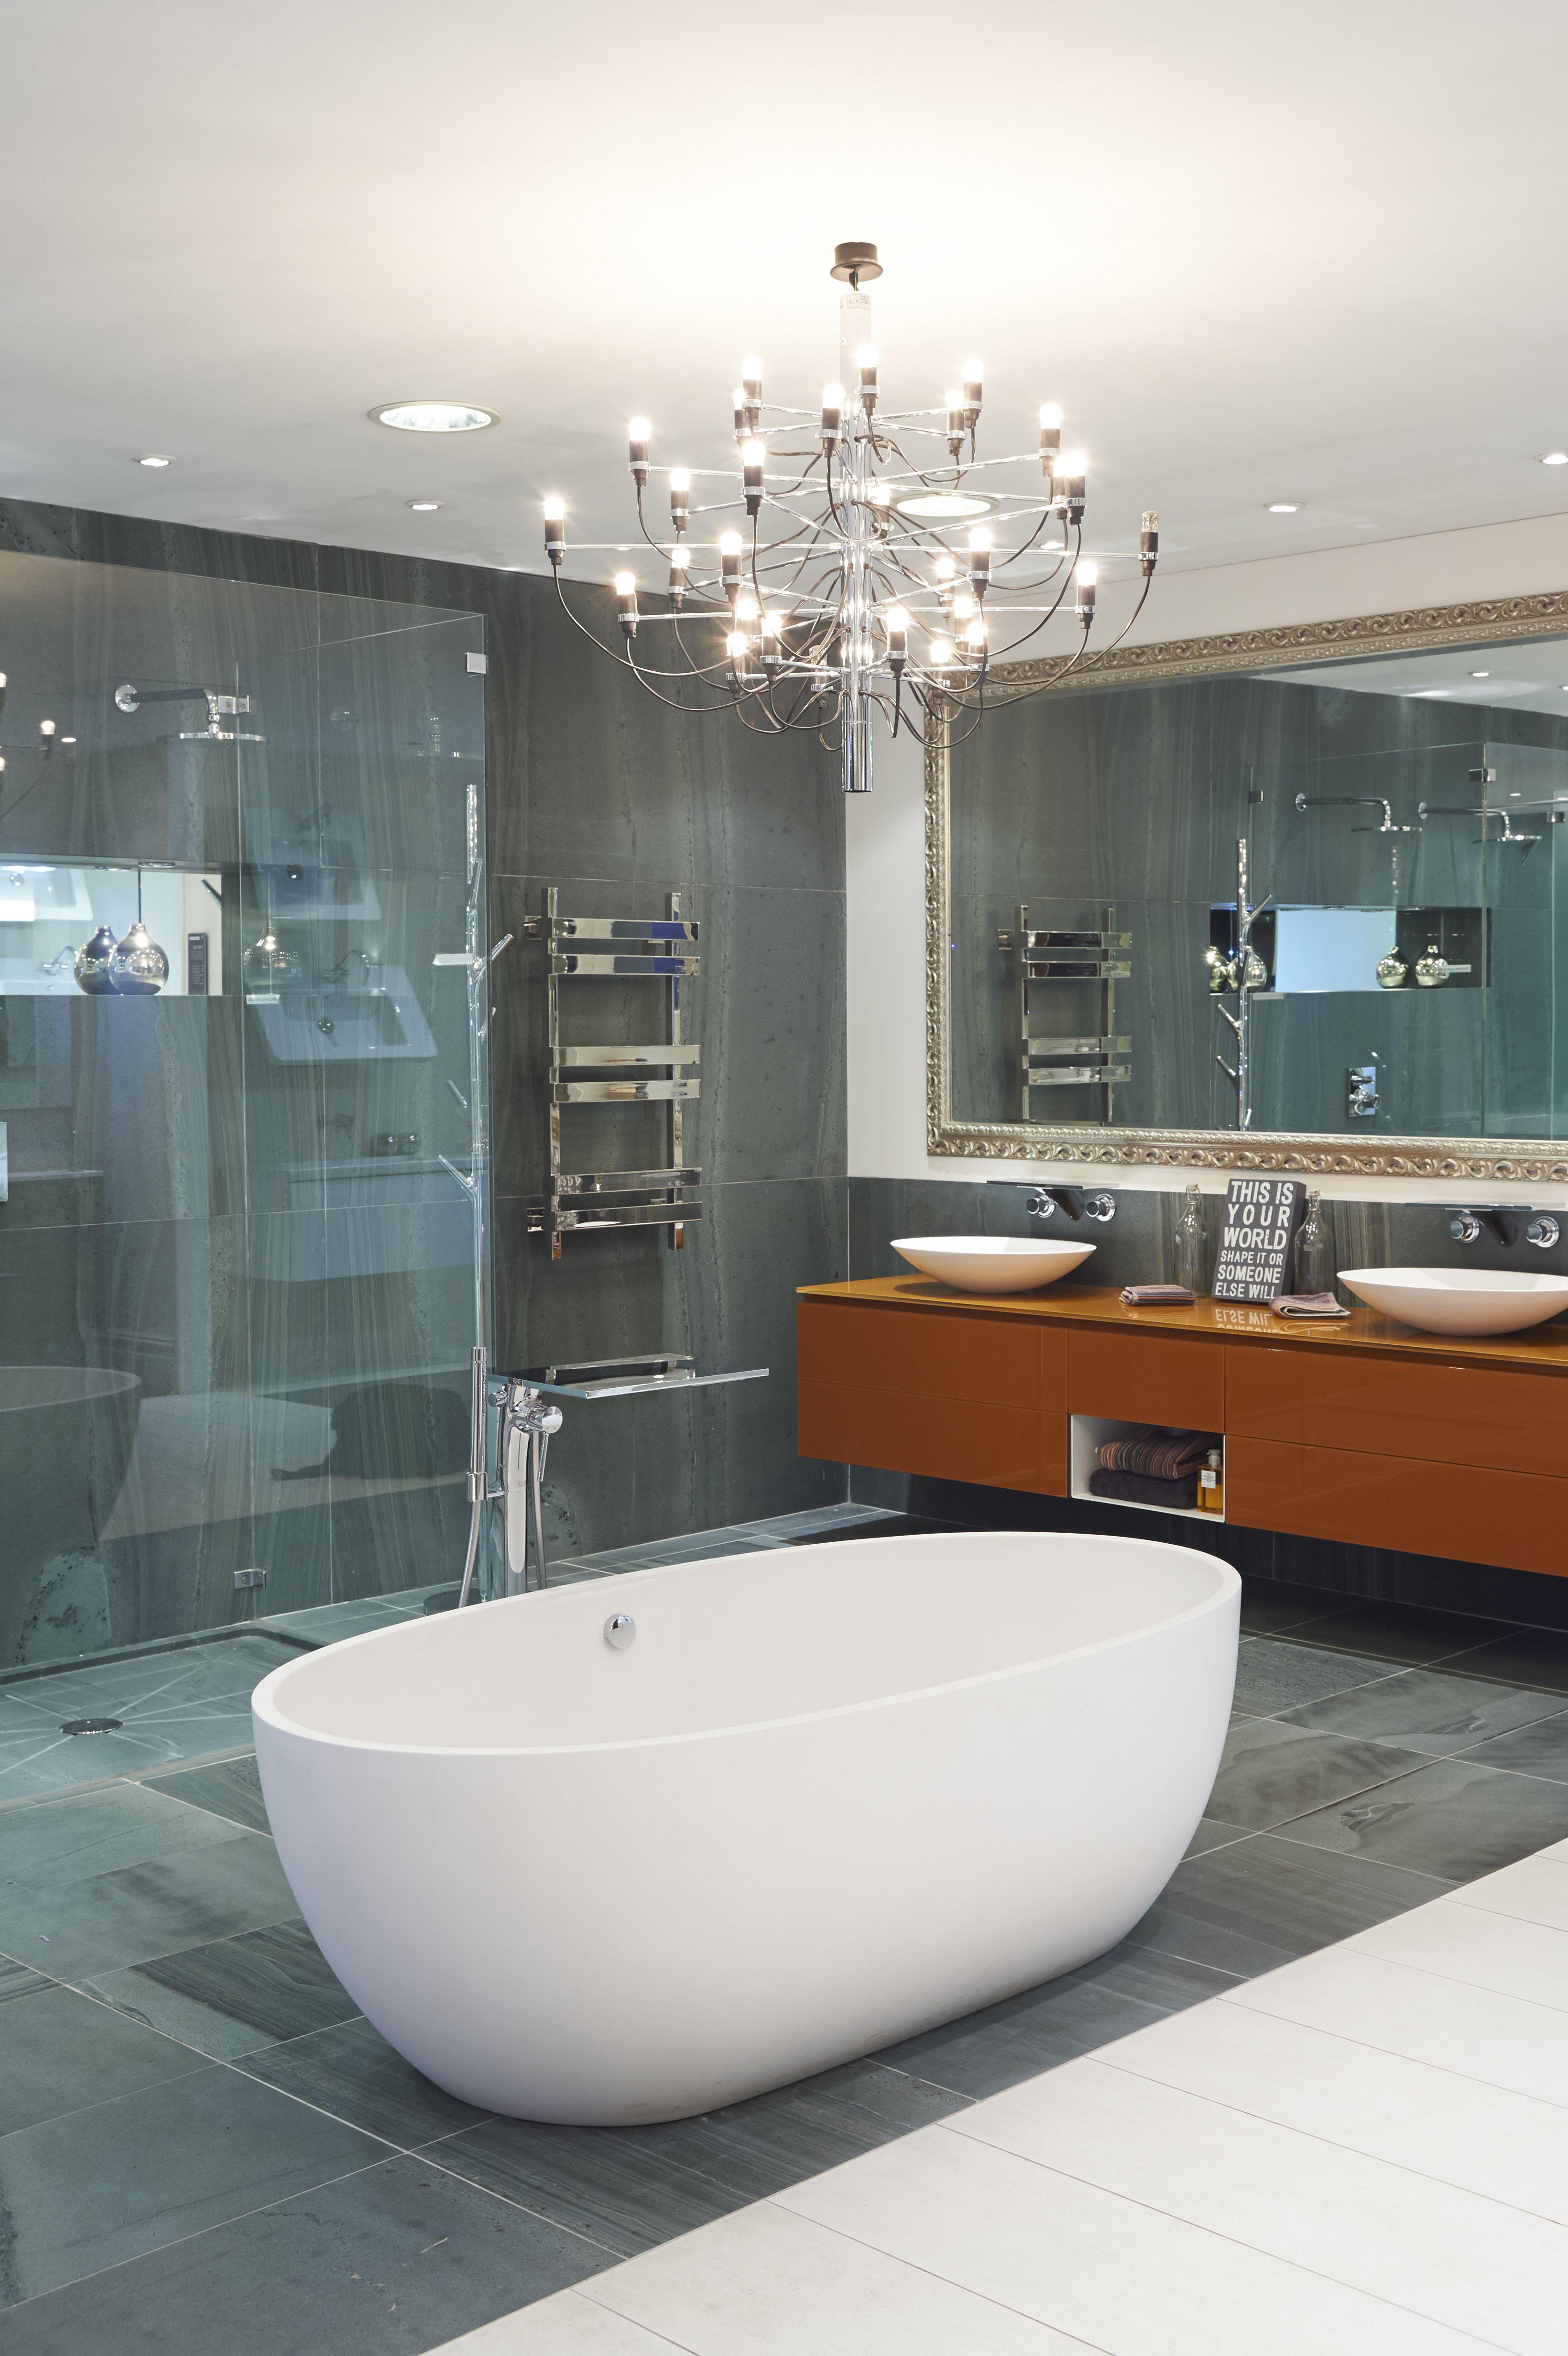 Waterloo Bathroom Showroom Waterloo Bathroomdesign Bathrooms - Bathrooms waterloo